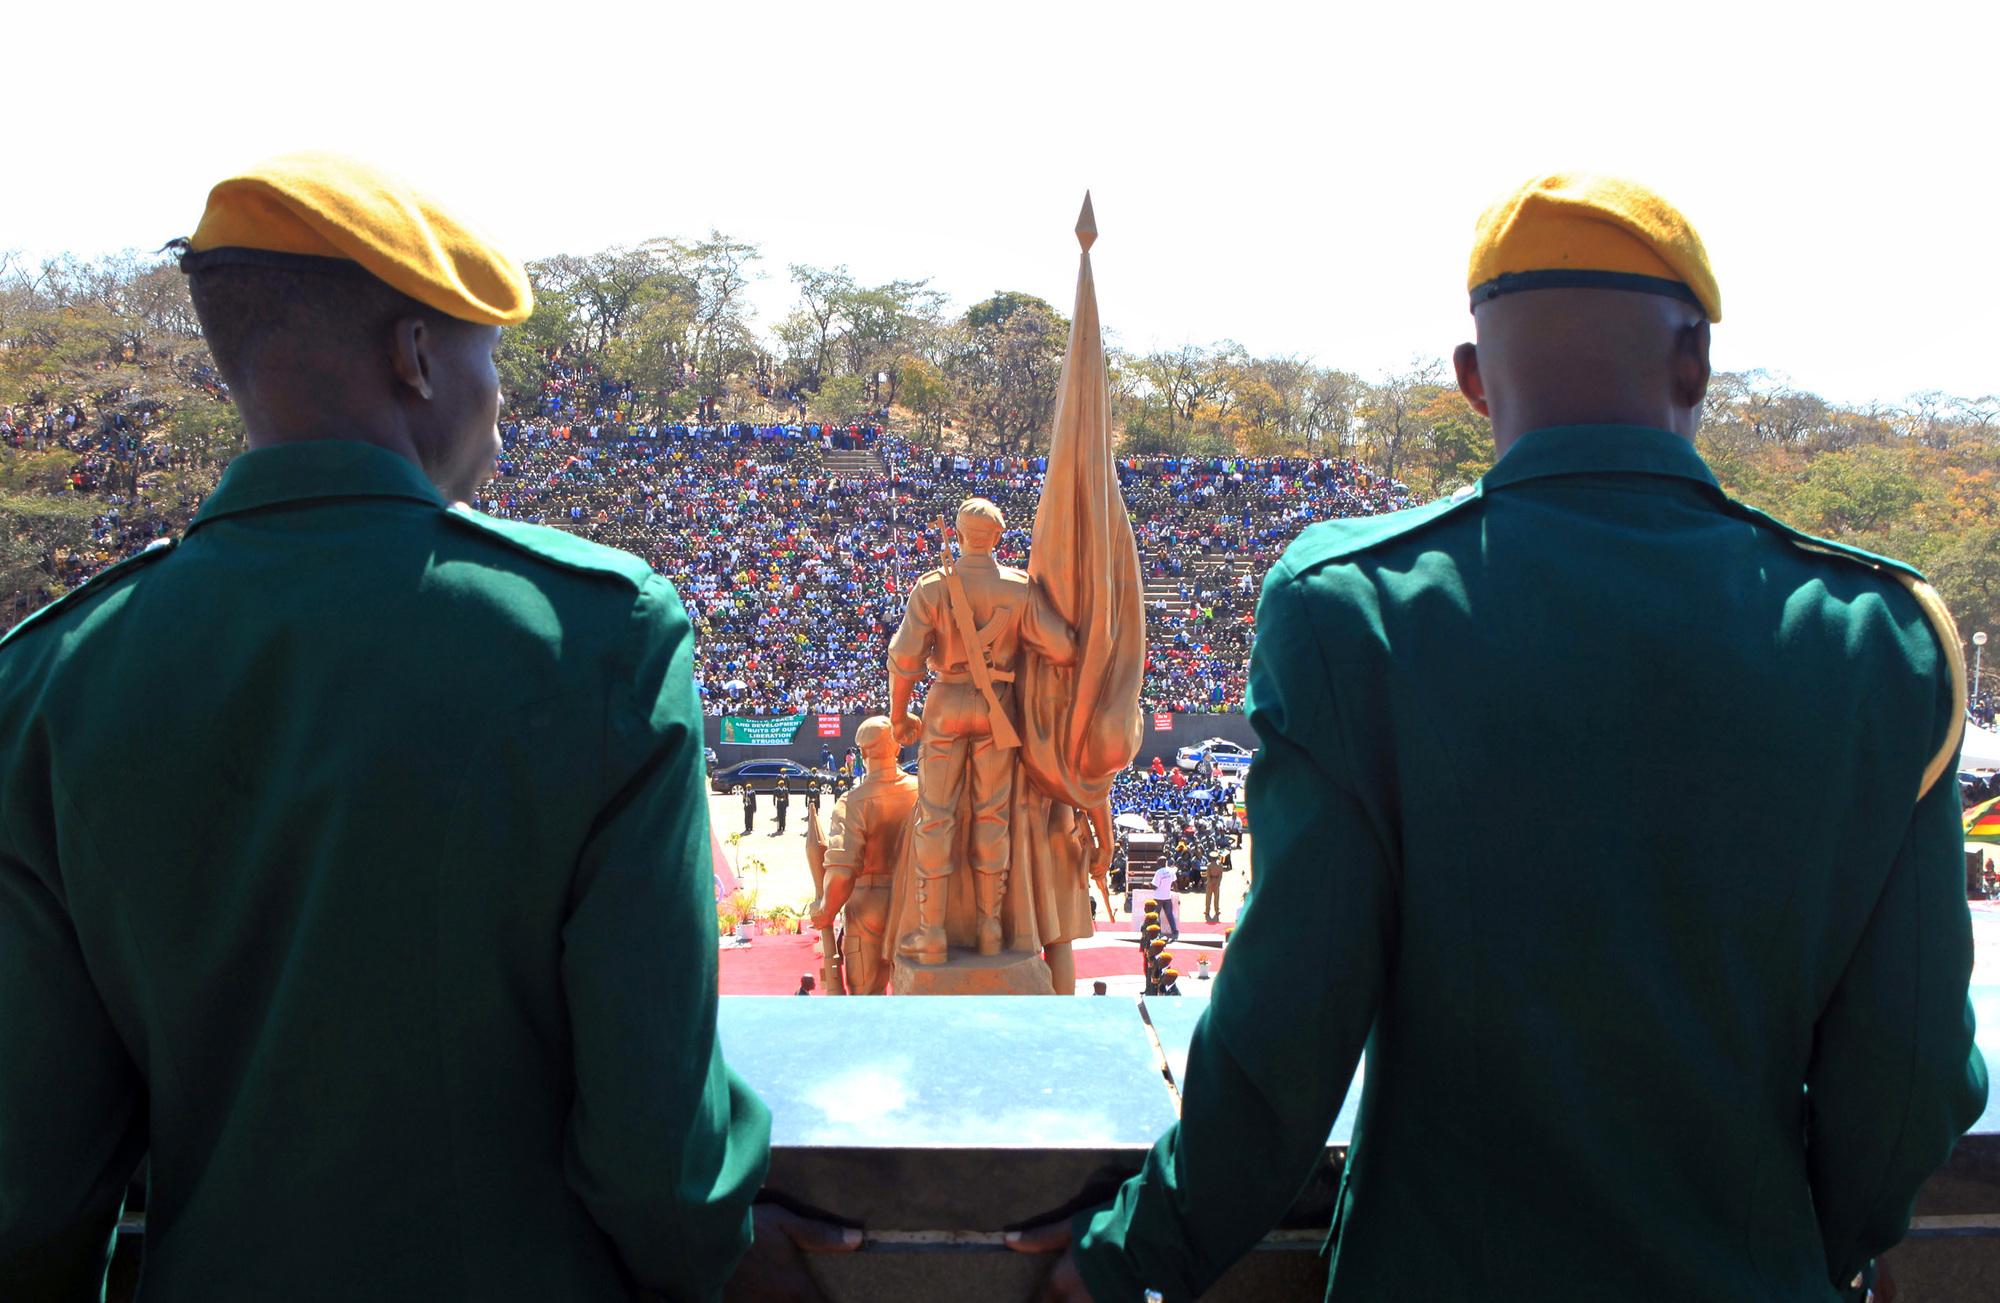 Les anciens héros de l'indépendance ont massivement boycotté le discours que le chef de l'État a prononcé le 8août à Harare.